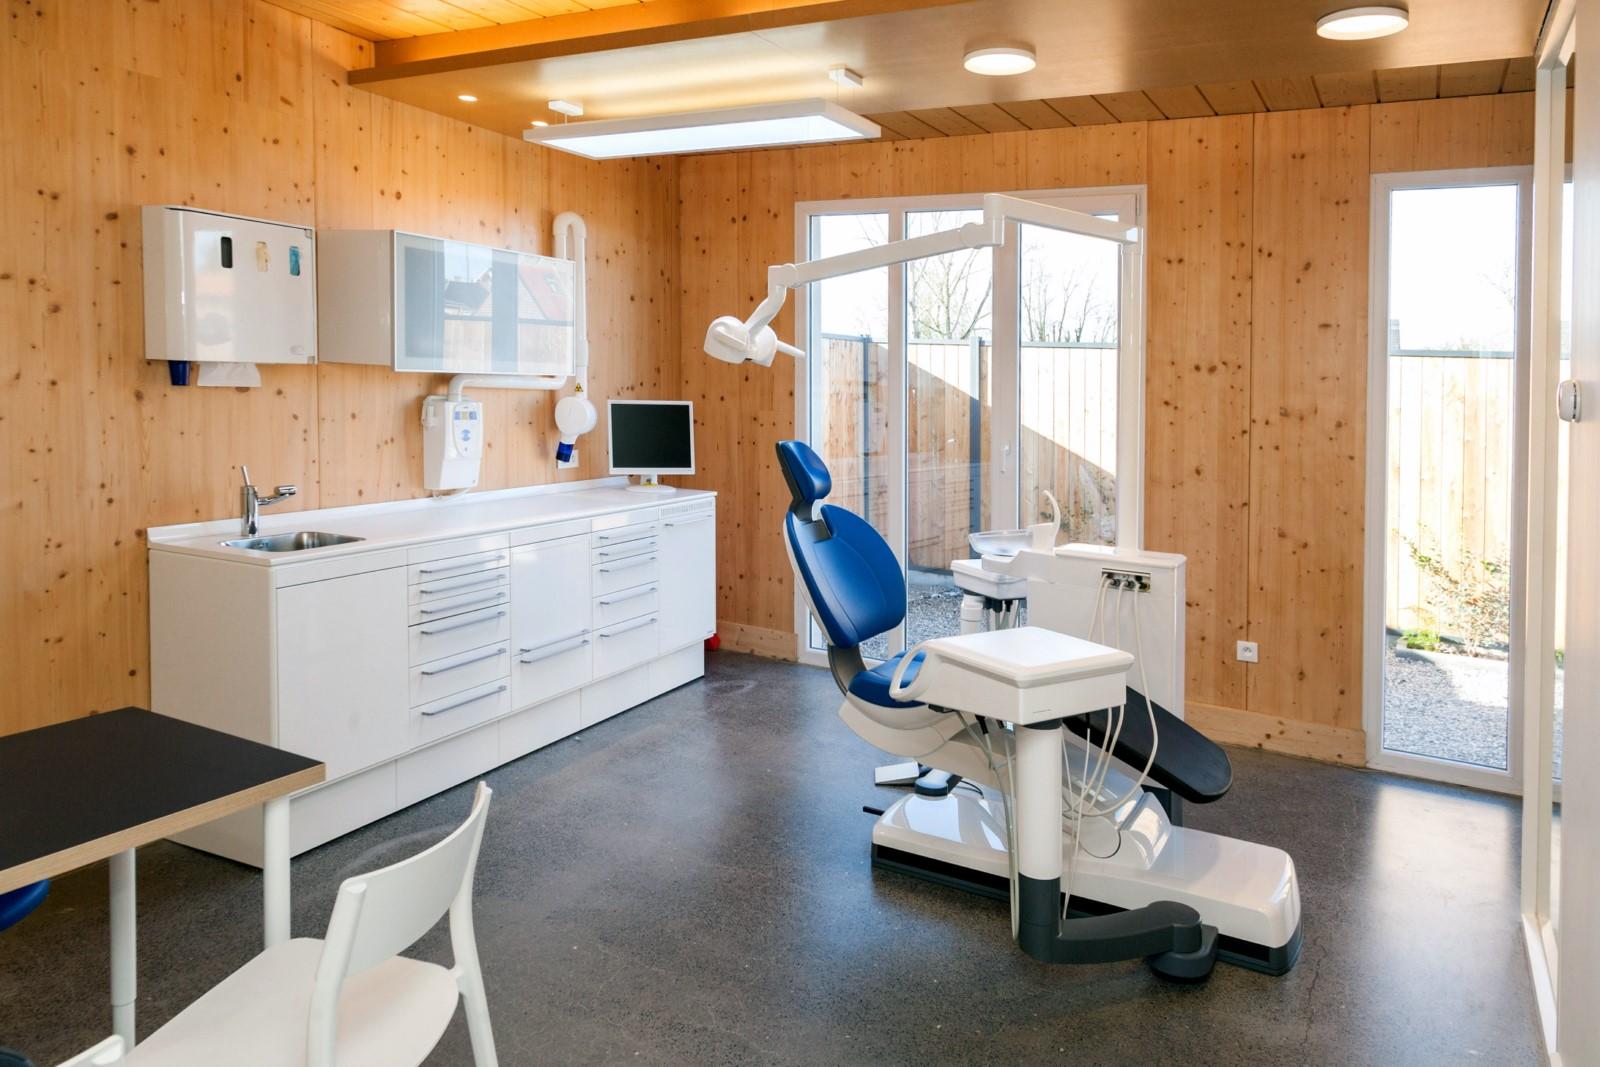 architecte Lille PLUX construction ossature bois béton patio maison médicale médecin infirmier psychologue sexologue (9)